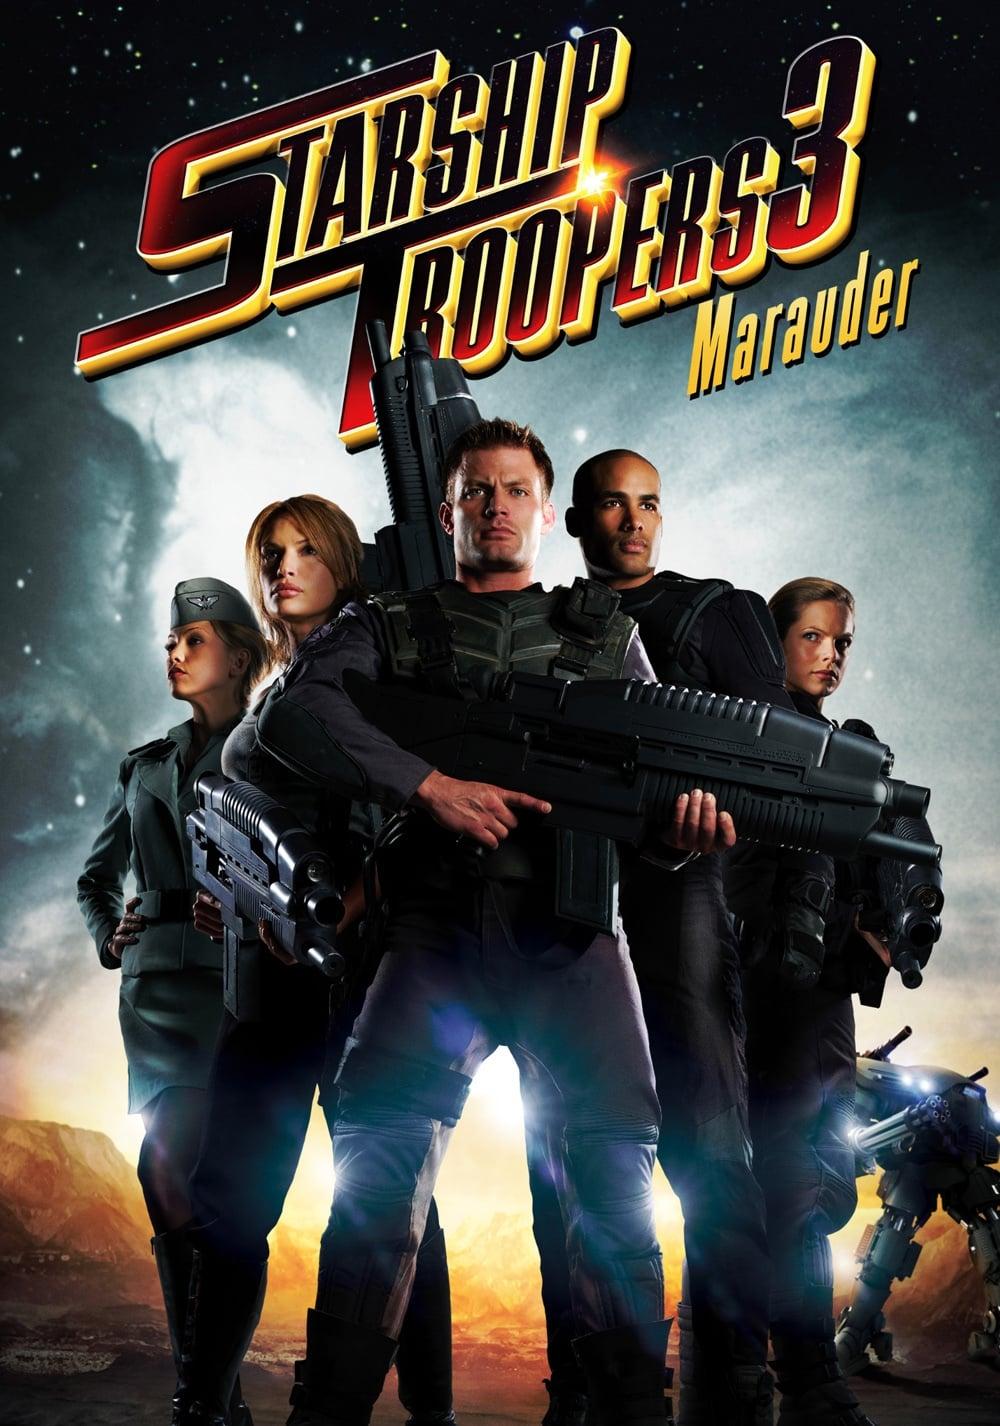 Starship Troopers Invasion Ganzer Film Deutsch